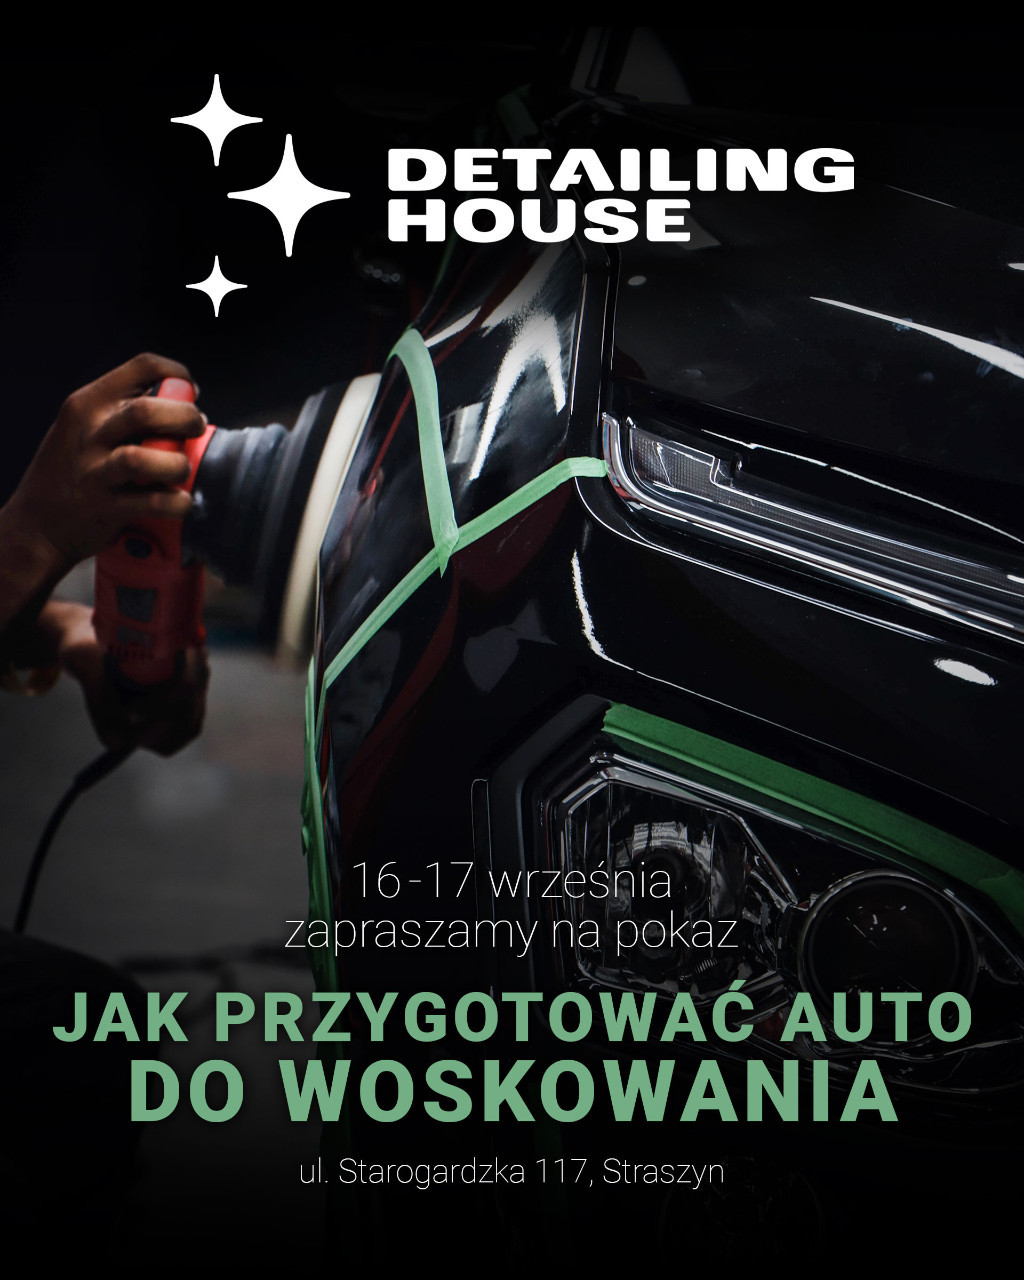 FB_jak_przygotowac_auto_do_woskowania.jpg